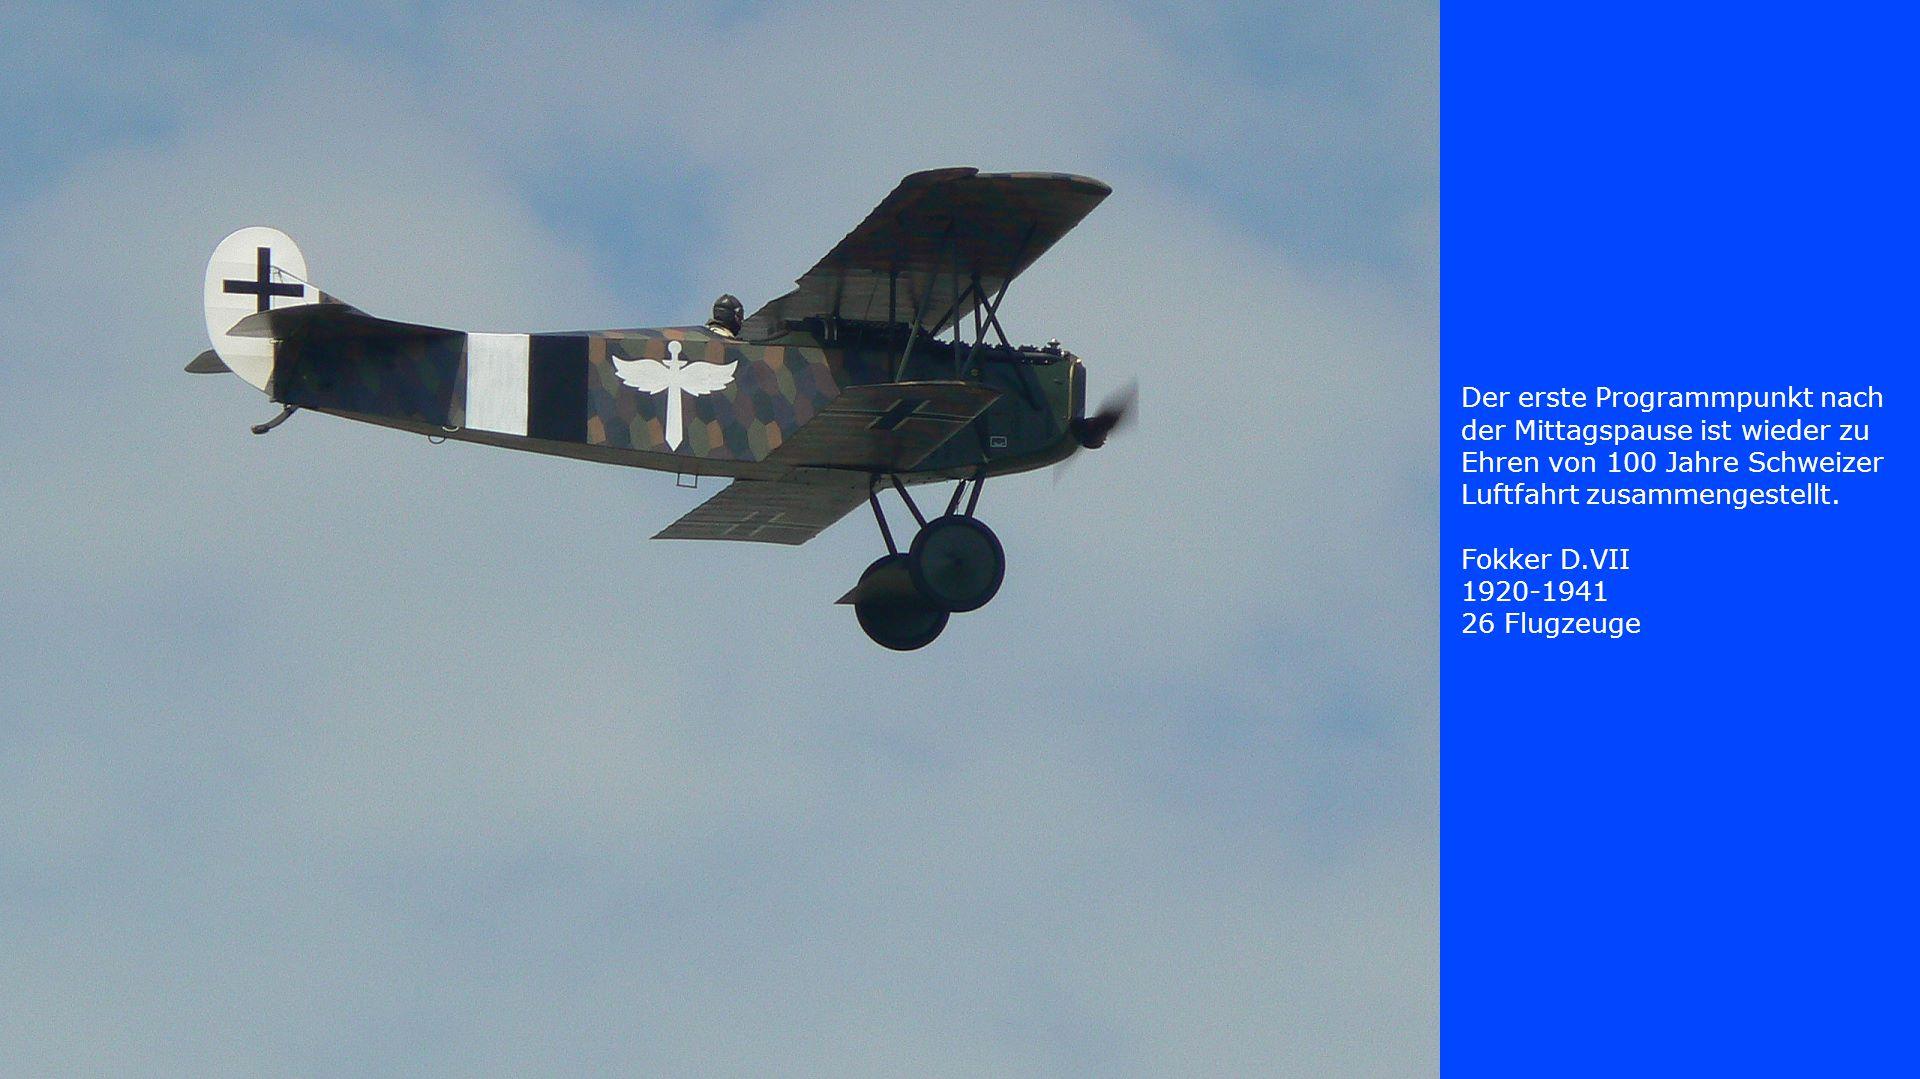 Der erste Programmpunkt nach der Mittagspause ist wieder zu Ehren von 100 Jahre Schweizer Luftfahrt zusammengestellt.